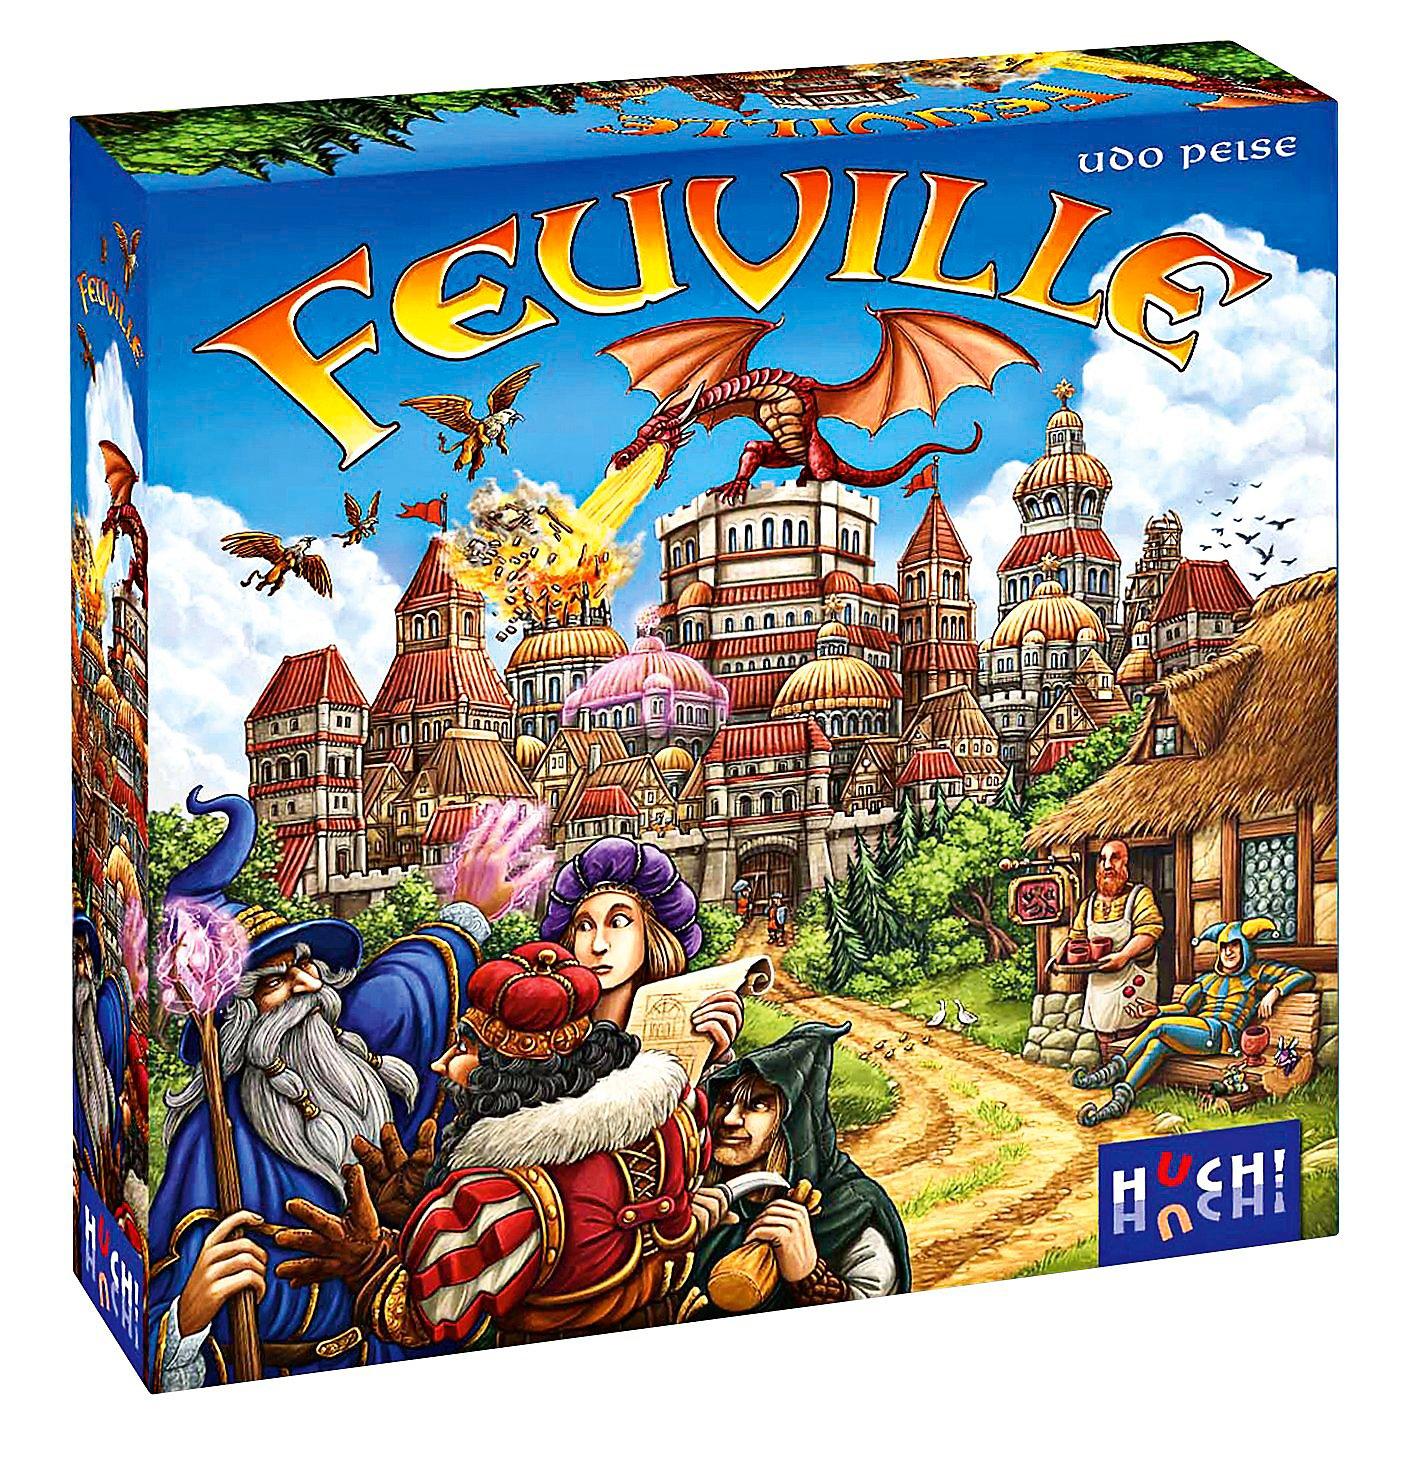 Viele günstige Gesellschaftsspiele bei Weltbild (u.a. Feuville, Sea of Clouds, Million Club, ...)